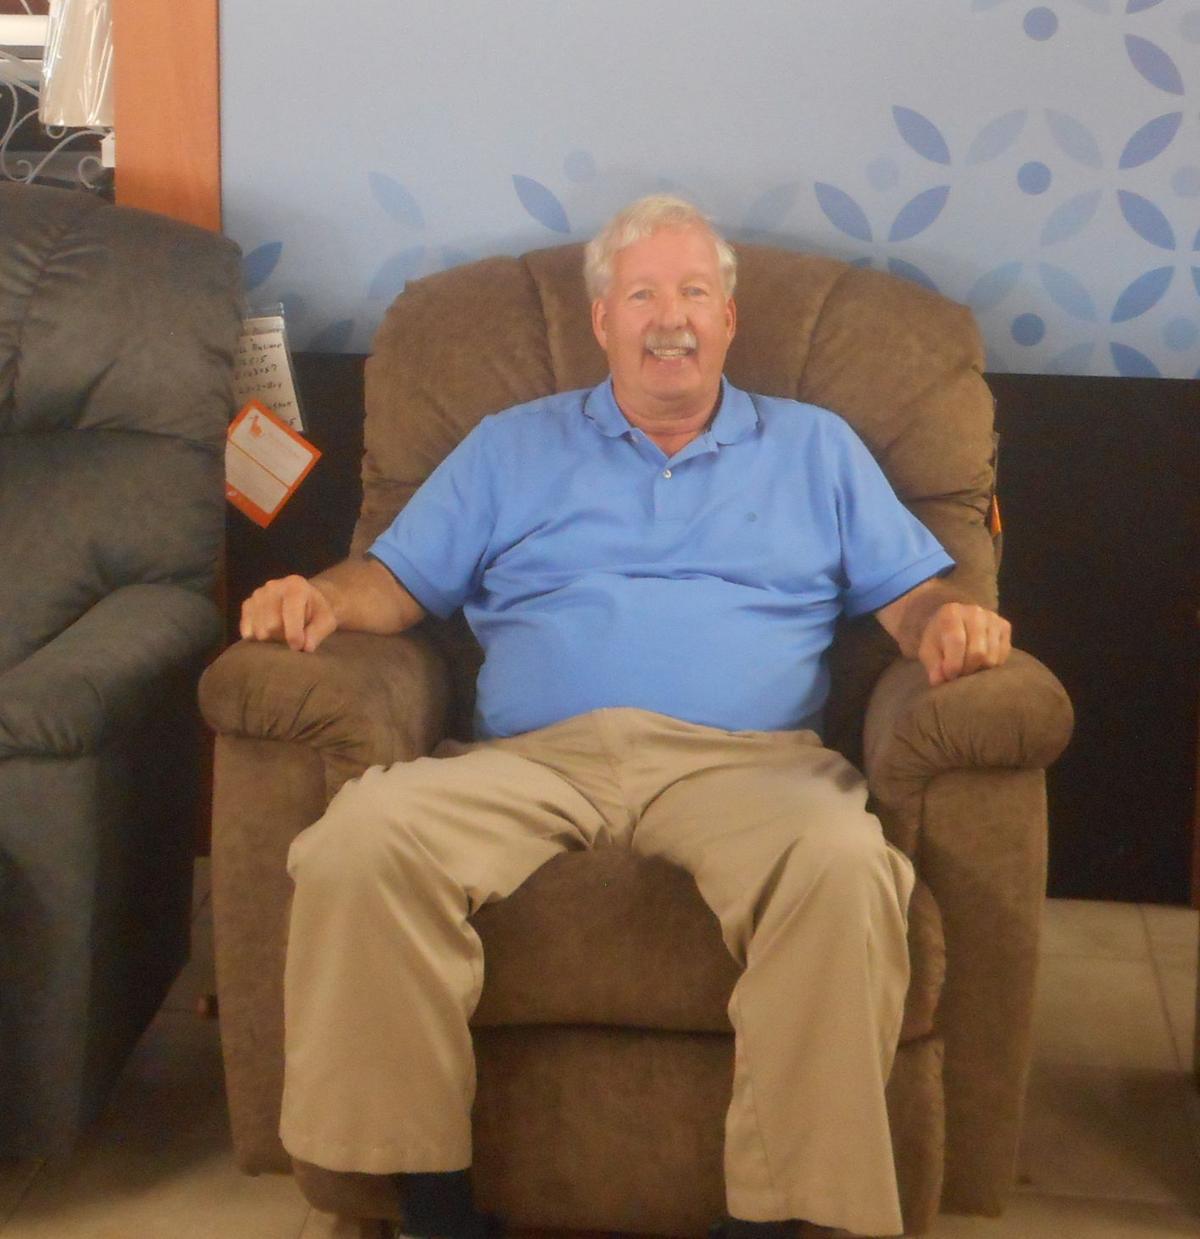 Eddie Holland recliner